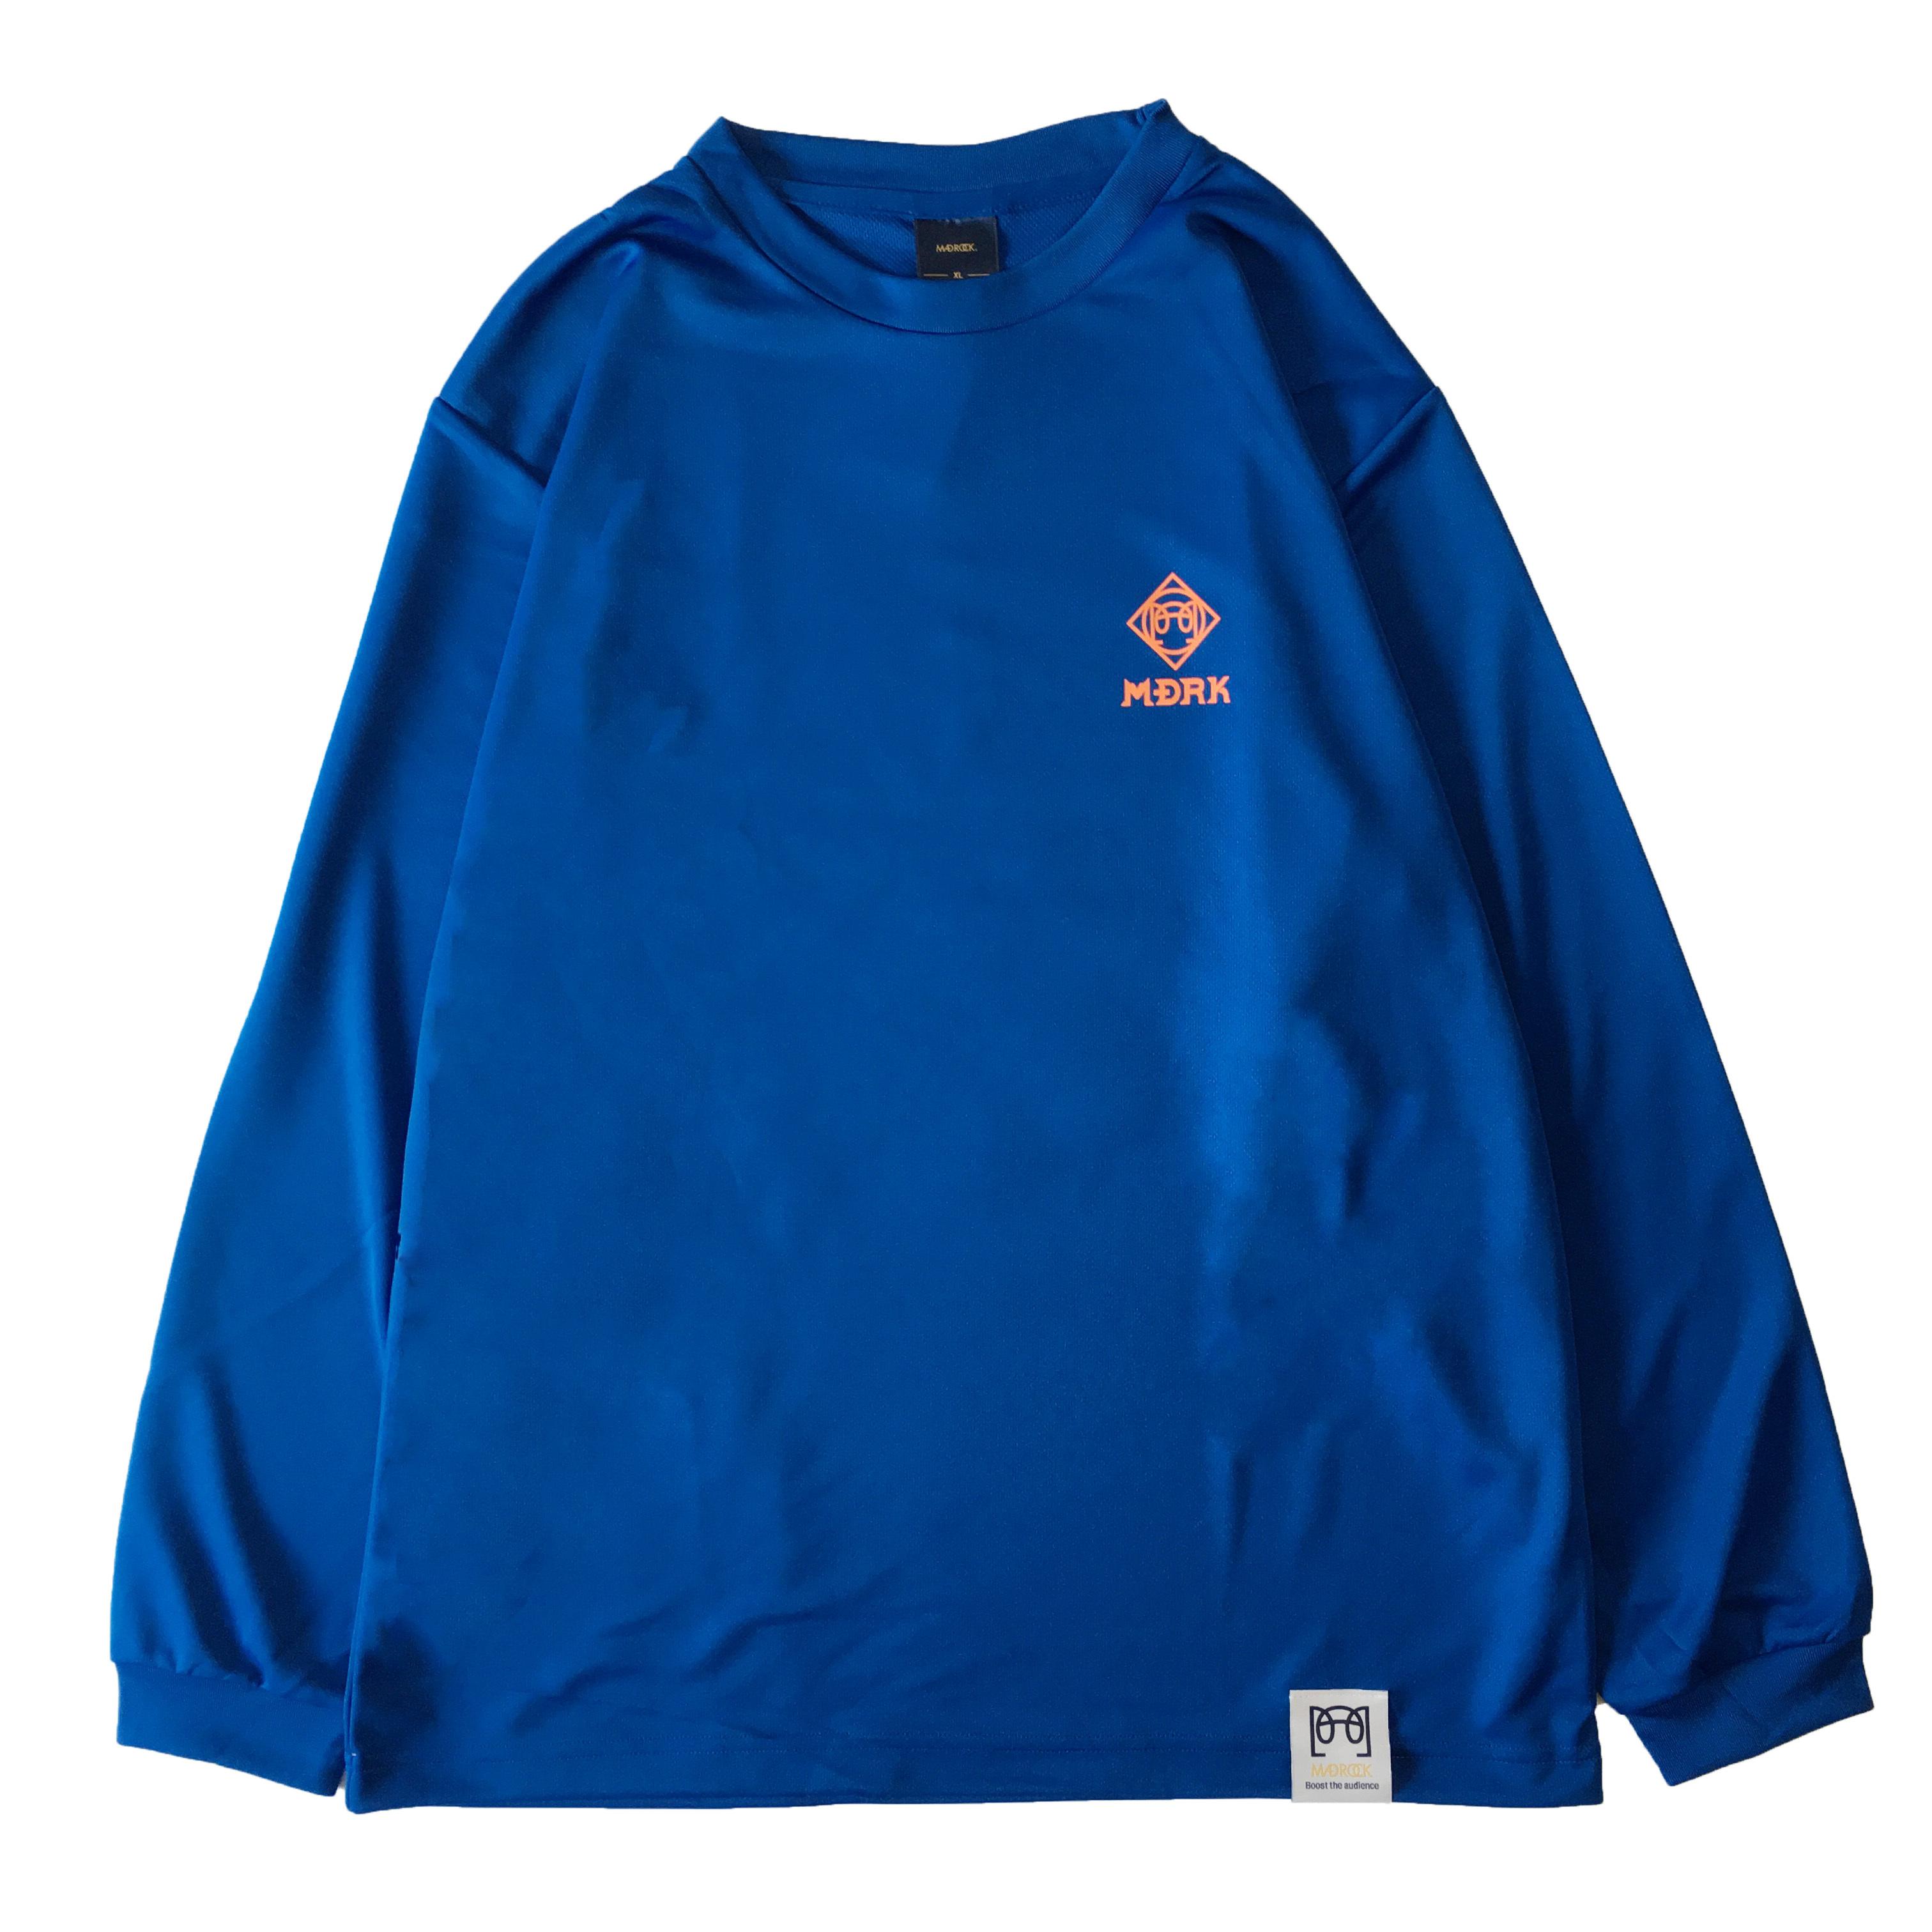 マッドロック / CAGE ロゴ ロンT / ドライタイプ / ブルー